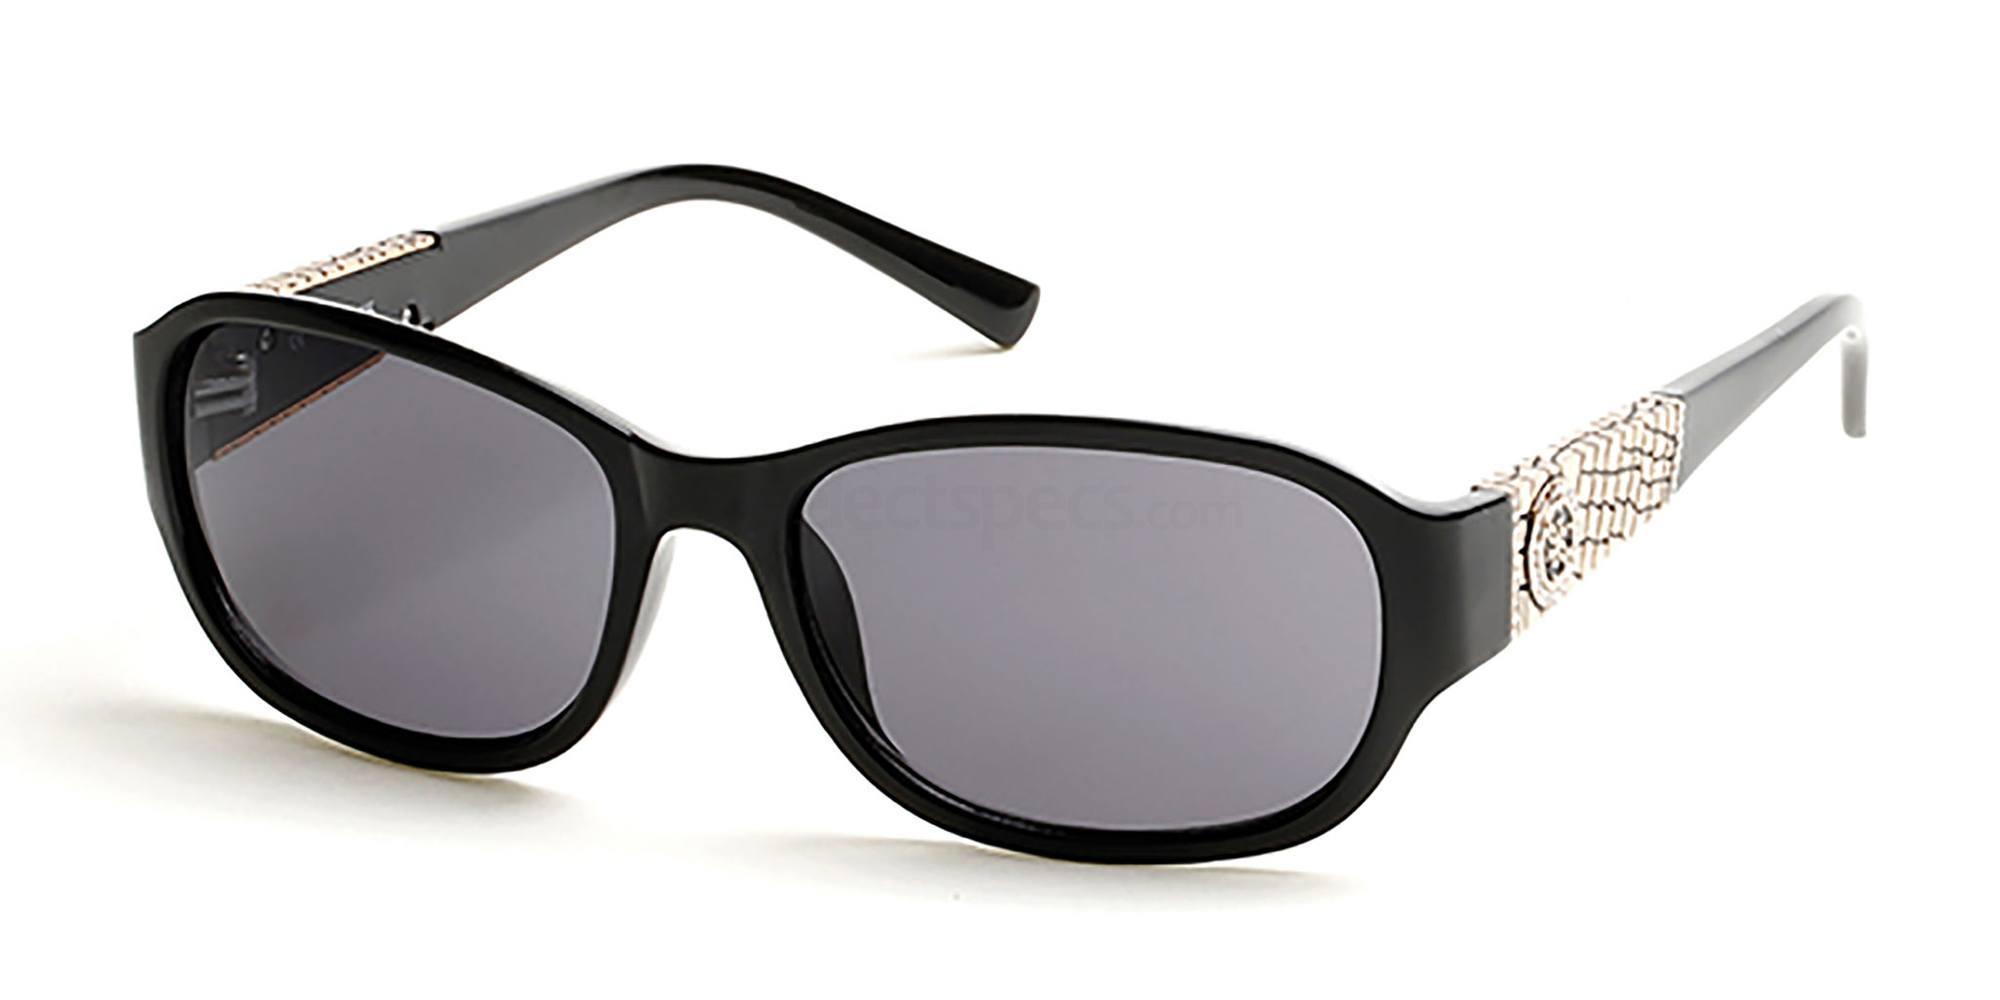 01A GU7425 Sunglasses, Guess